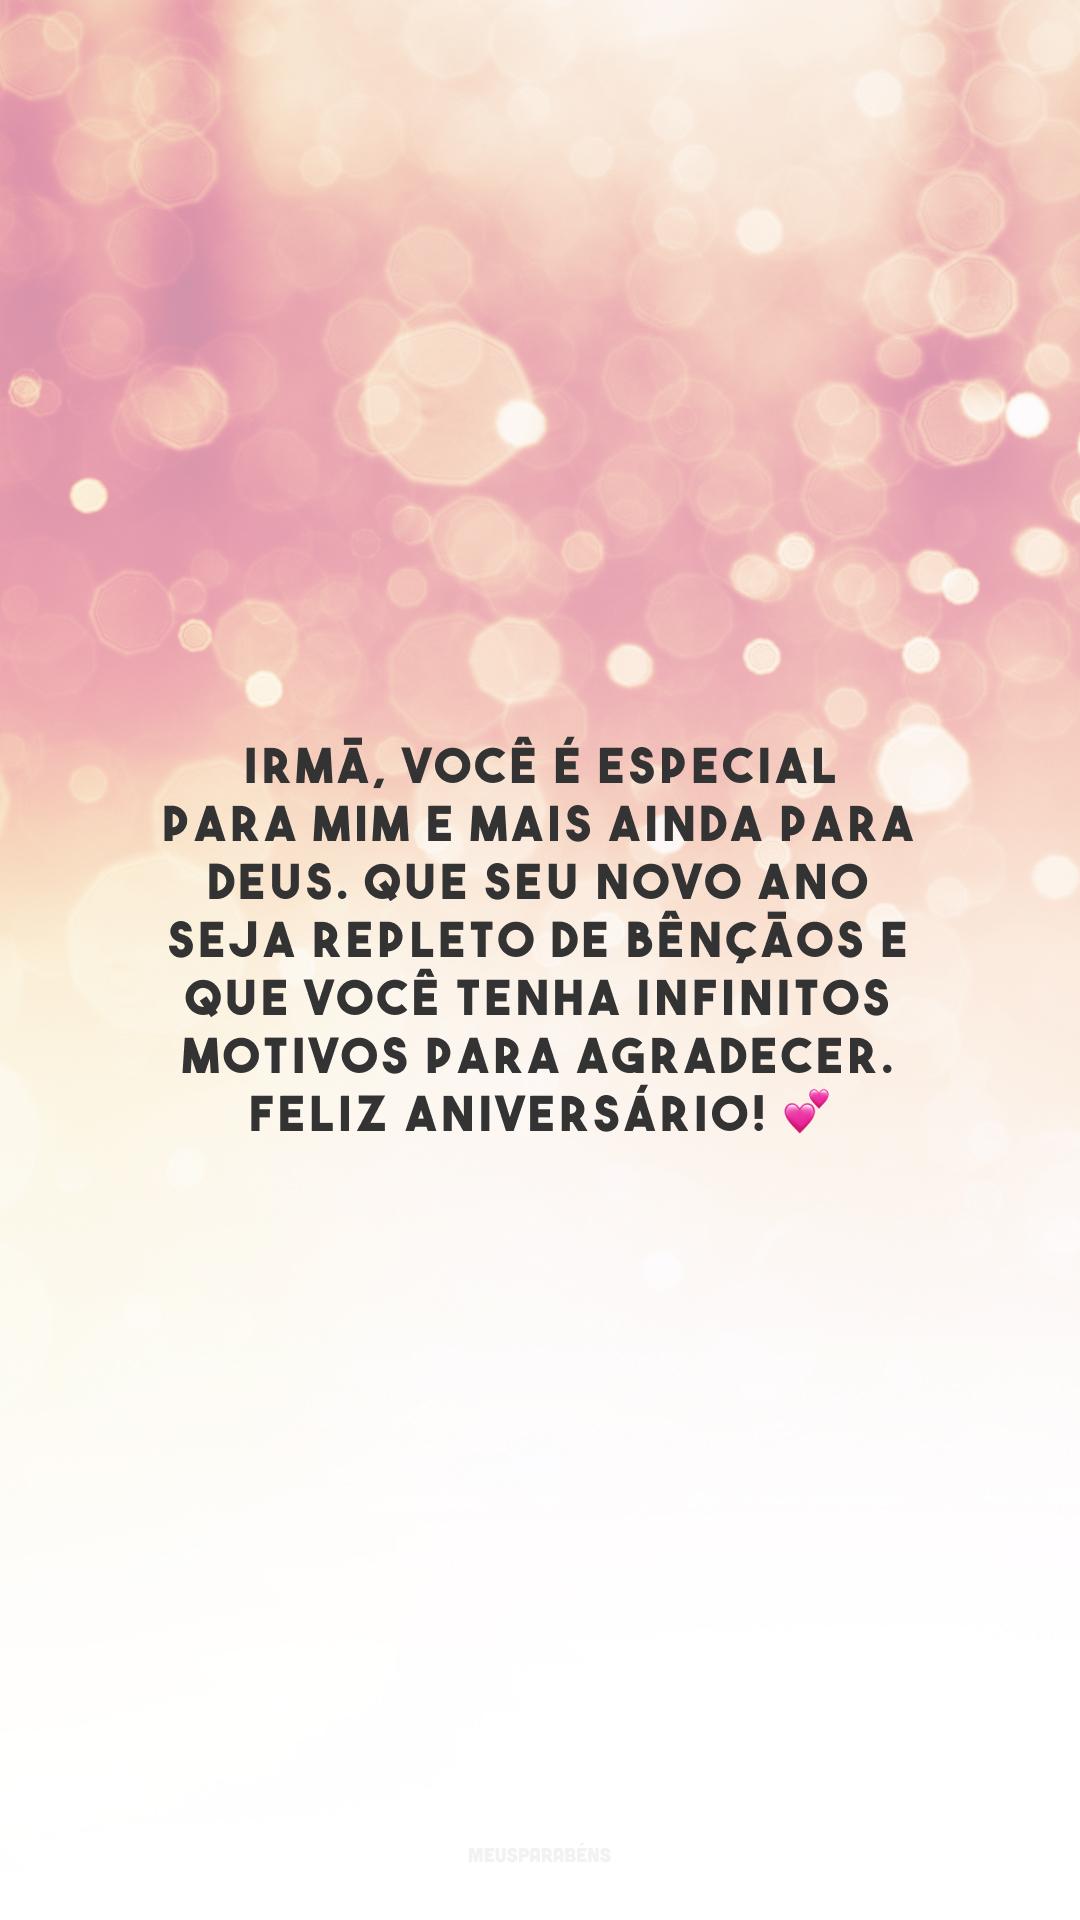 Irmã, você é especial para mim e mais ainda para Deus. Que seu novo ano seja repleto de bênçãos e que você tenha infinitos motivos para agradecer. Feliz aniversário! 💕